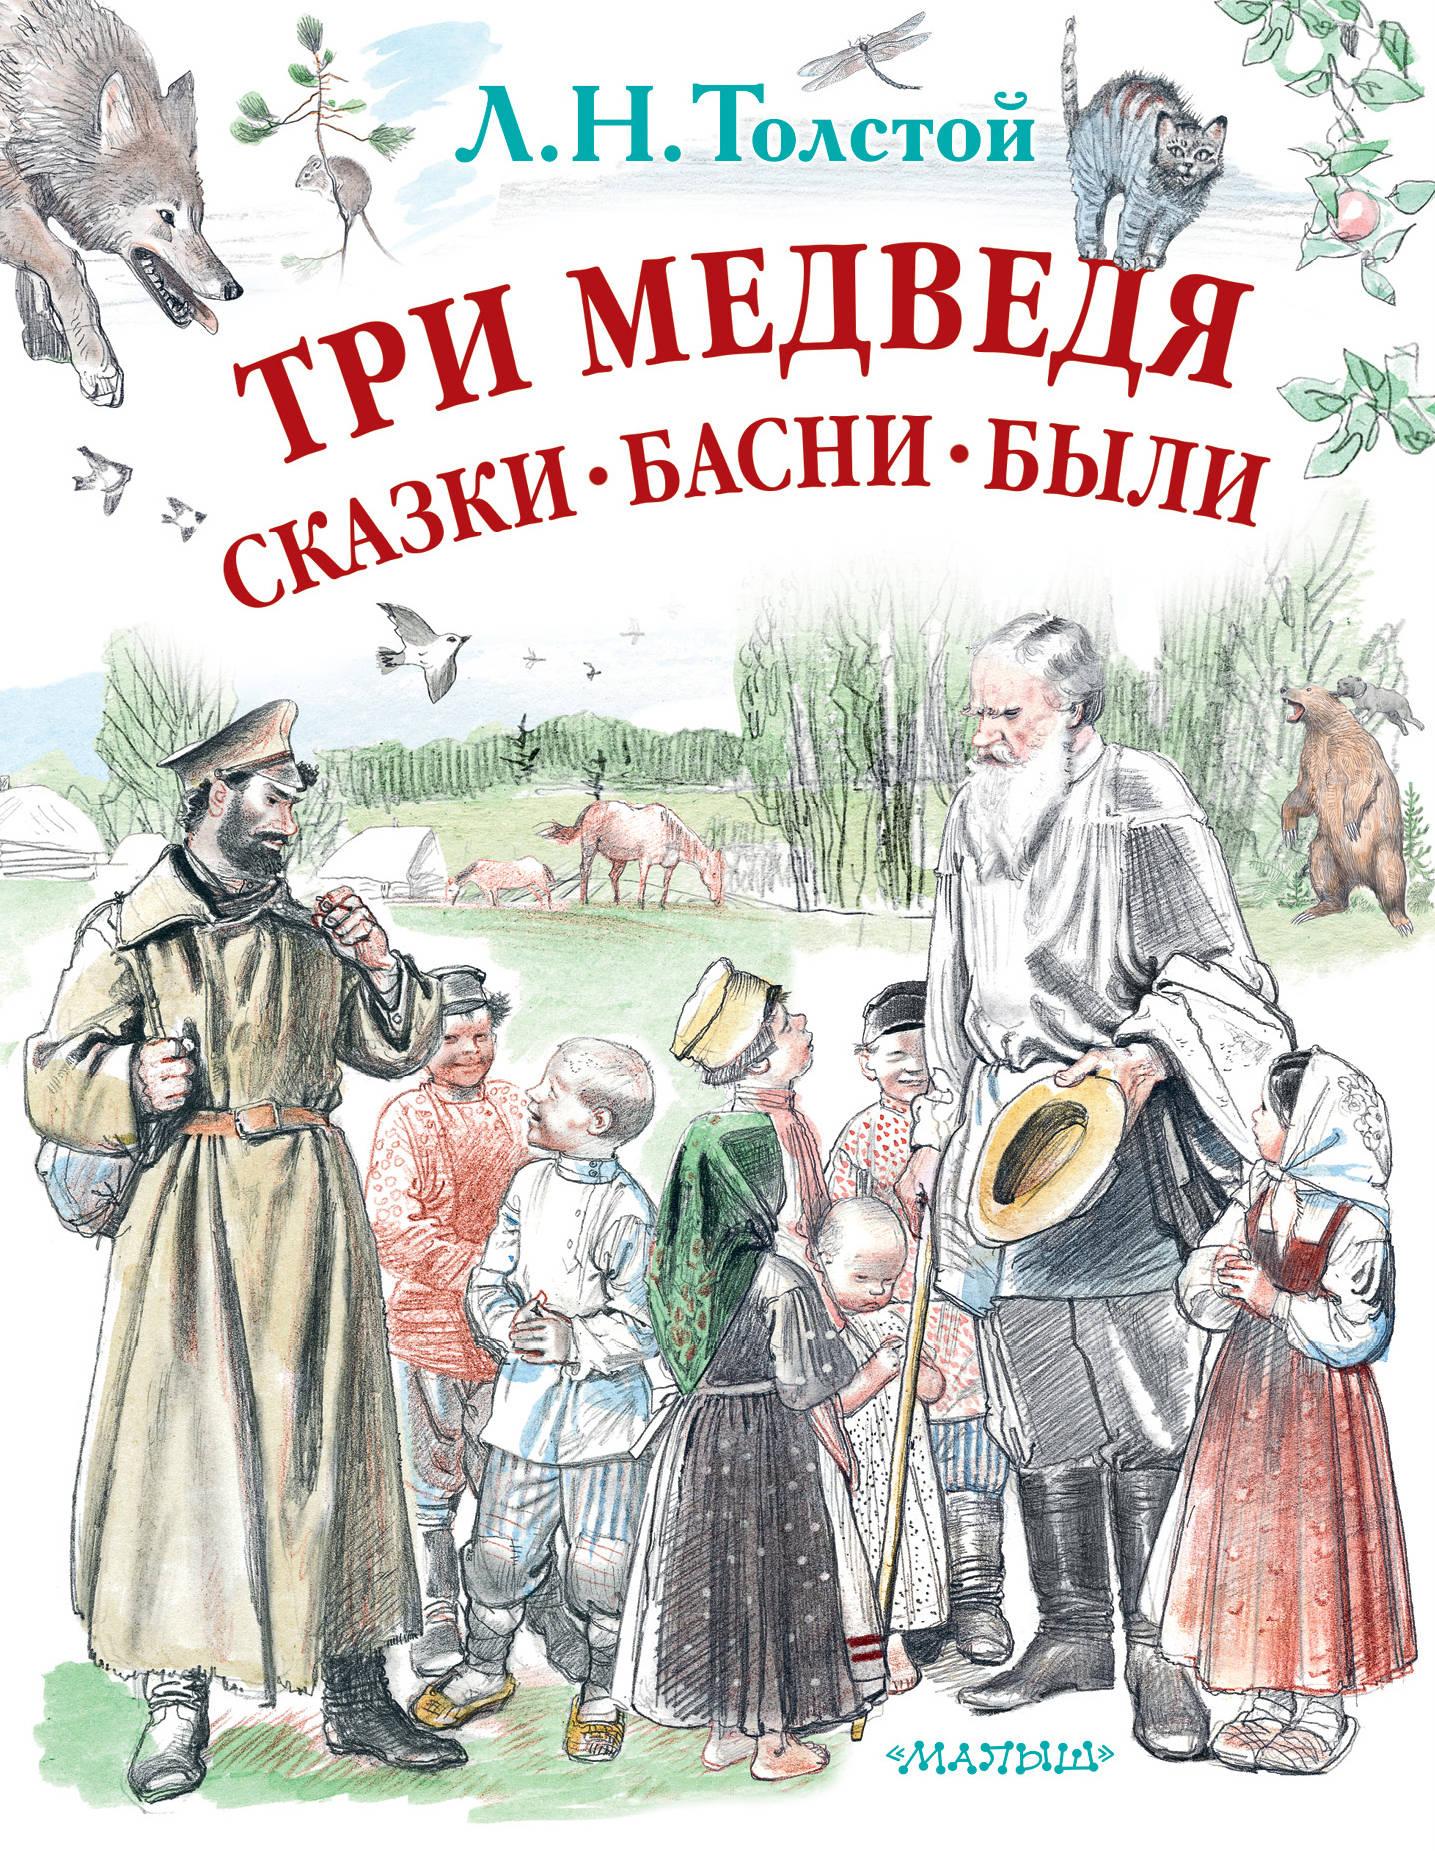 Л. Н. Толстой Три медведя. Сказки, басни, были ISBN: 978-5-17-100231-2